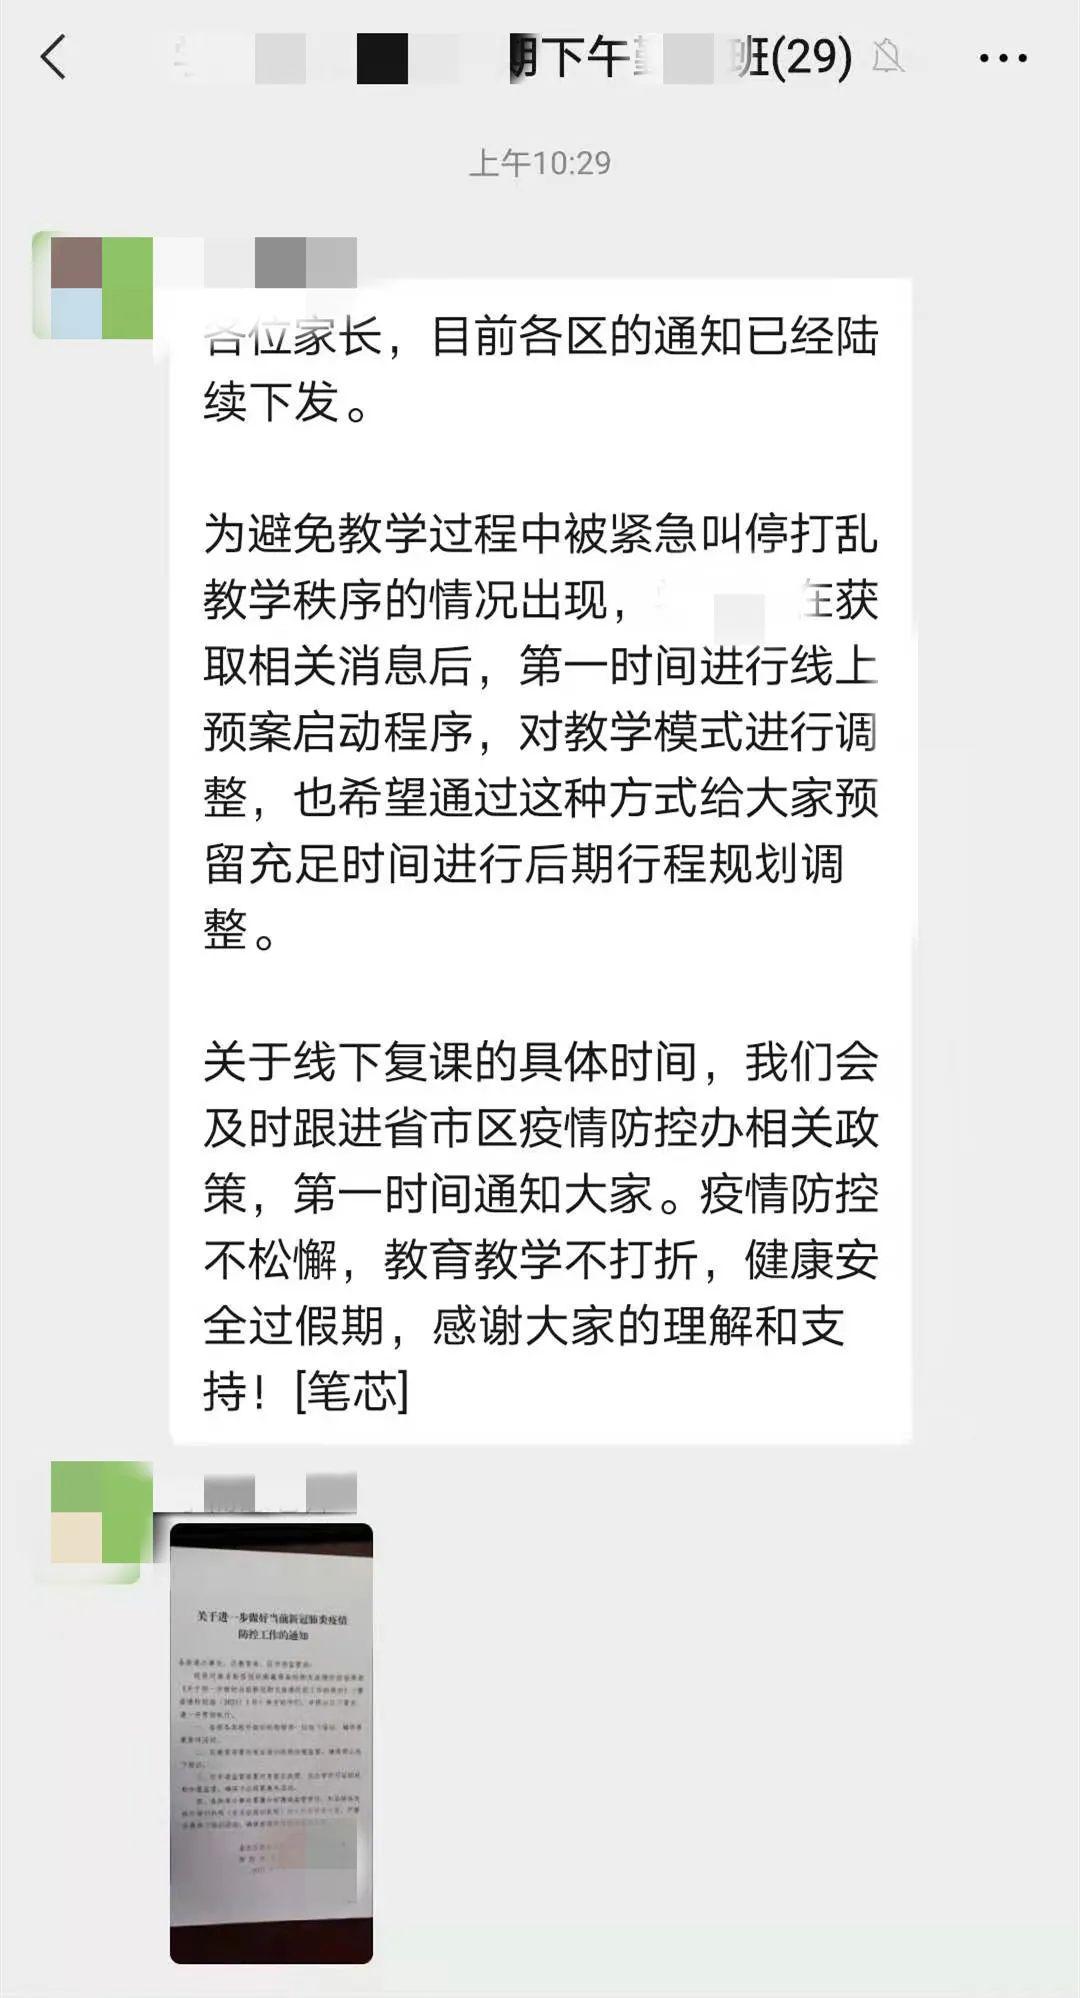 事关校外培训 郑州多区、河南4地市宣布暂停线下教学活动